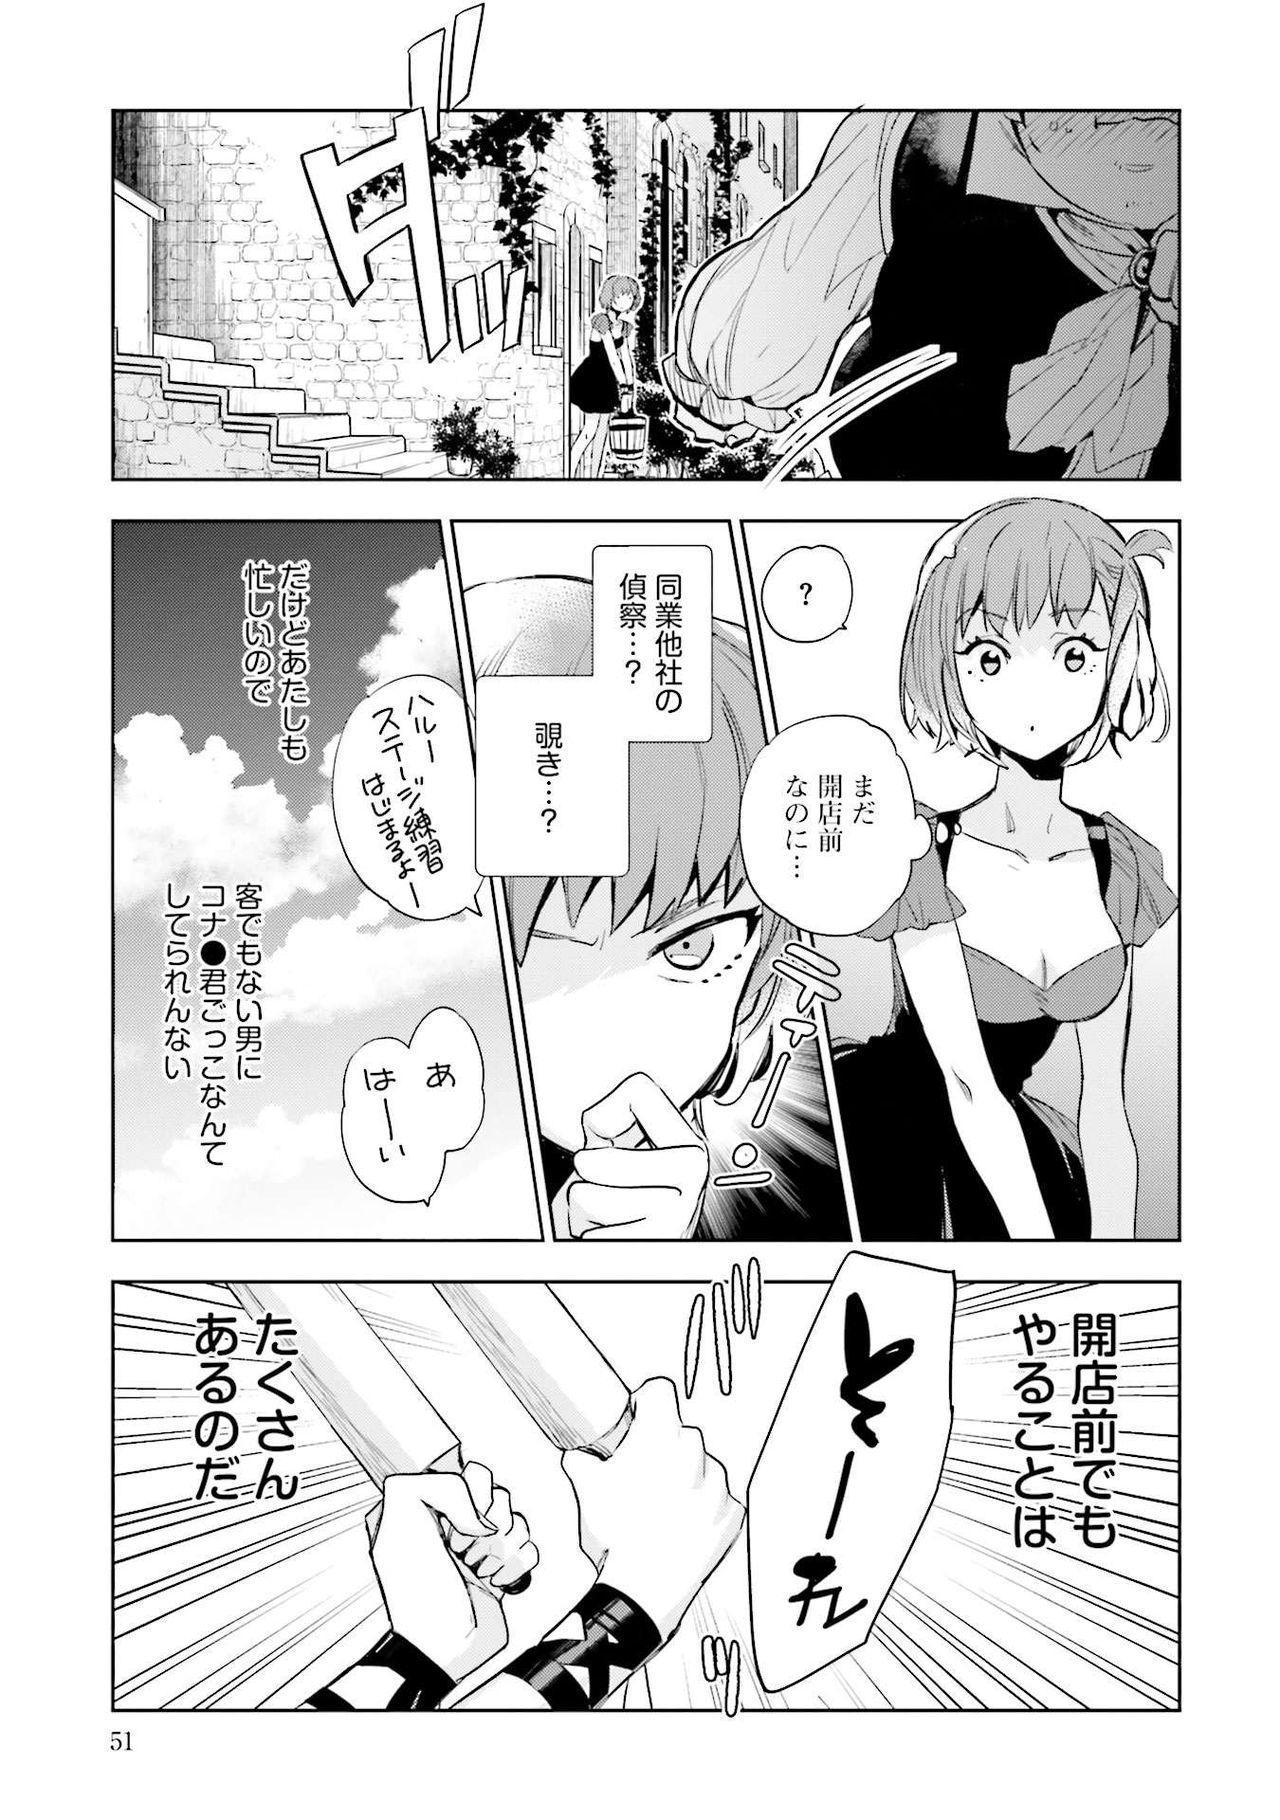 JK Haru wa Isekai de Shoufu ni Natta 1-14 52